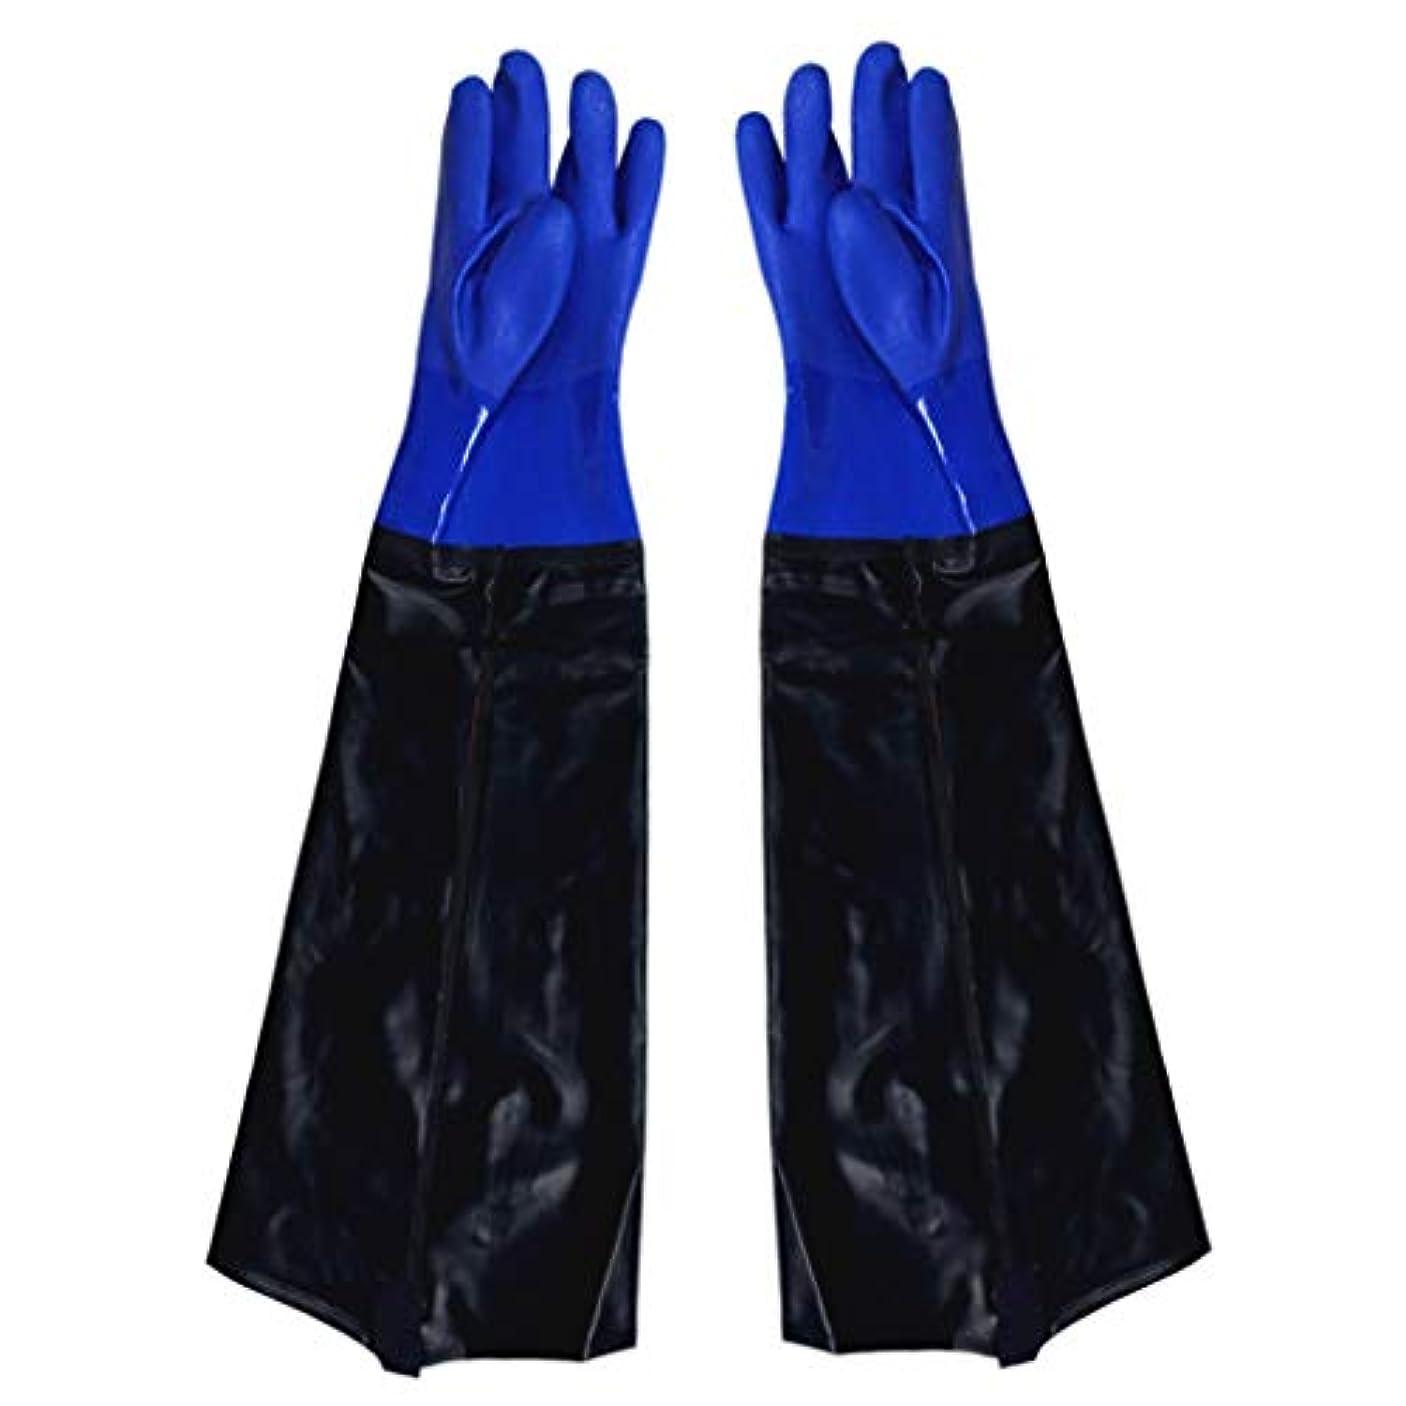 用心免除するそのゴム手袋 - 漁業に強い耐久性のある酸とアルカリを広げることを長くすること